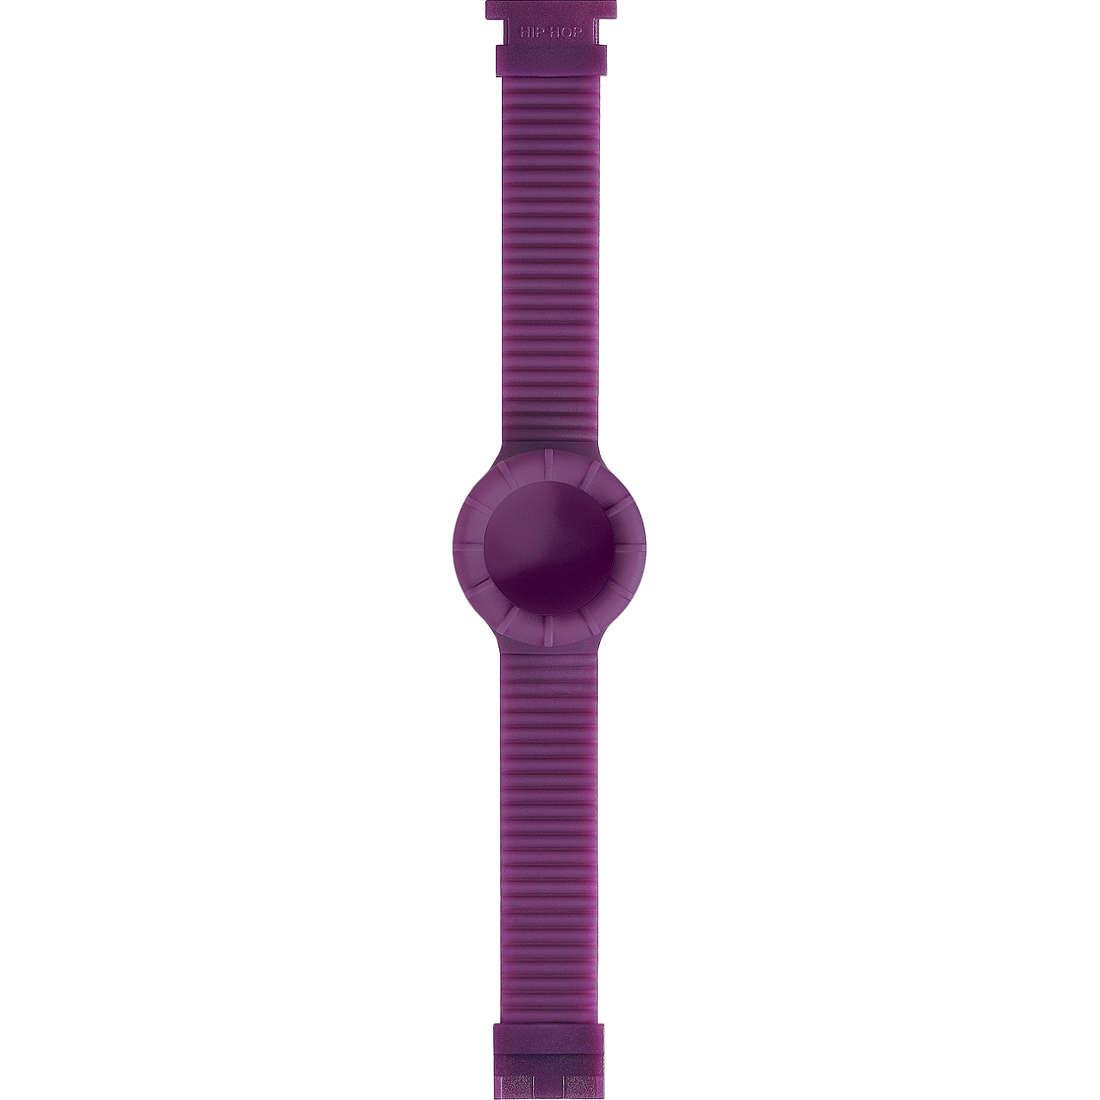 montre accessoire unisex Hip Hop HBU0028